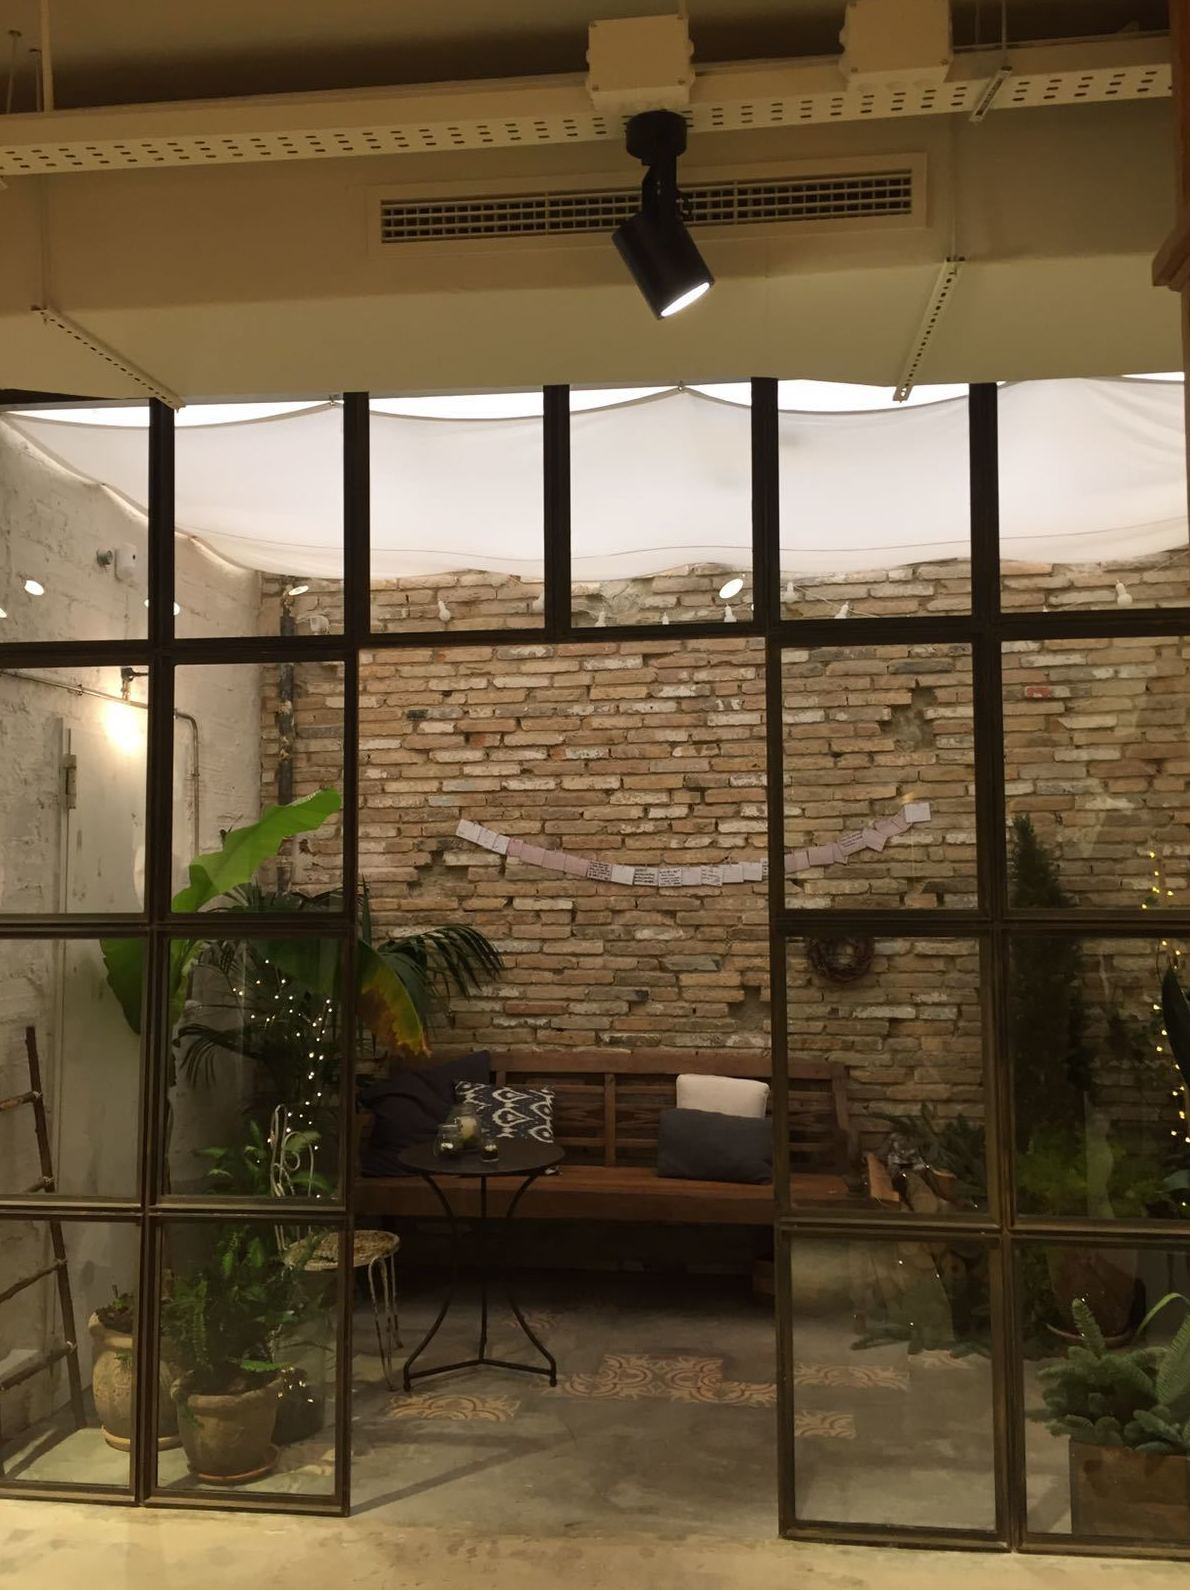 DECORACION INDUSTRIAL: Servicios de Exposición, Carpintería de aluminio- toldos-cerrajeria - reformas del hogar.